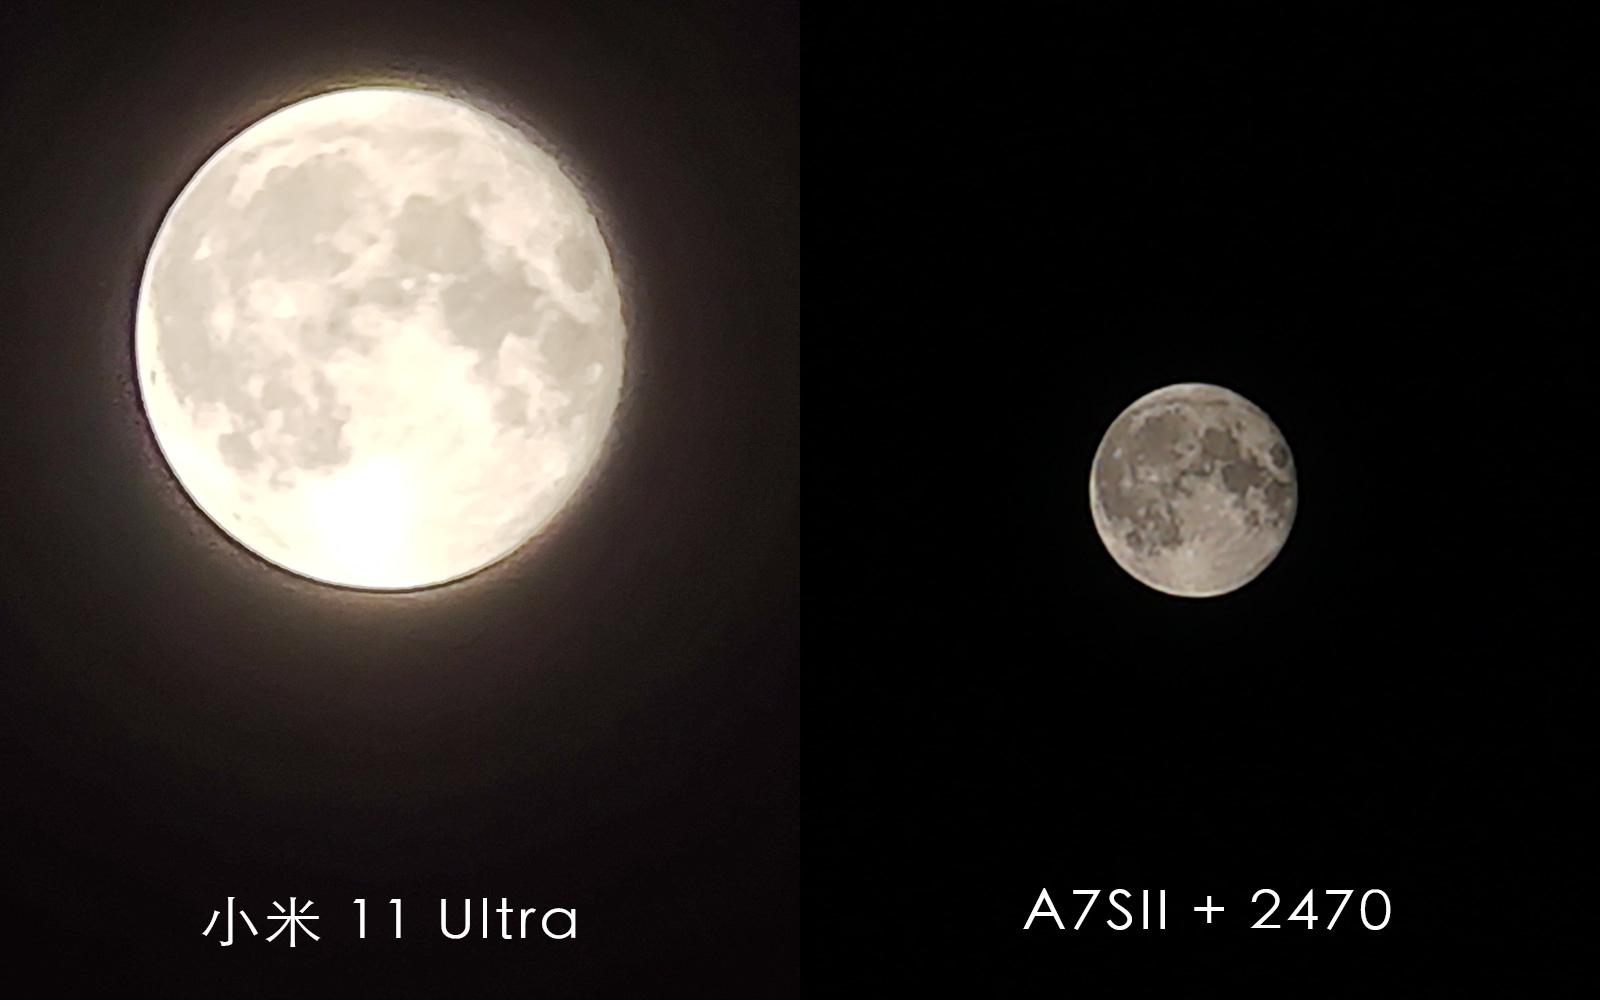 小米超級月亮vs 微單(照片經裁切及放大)